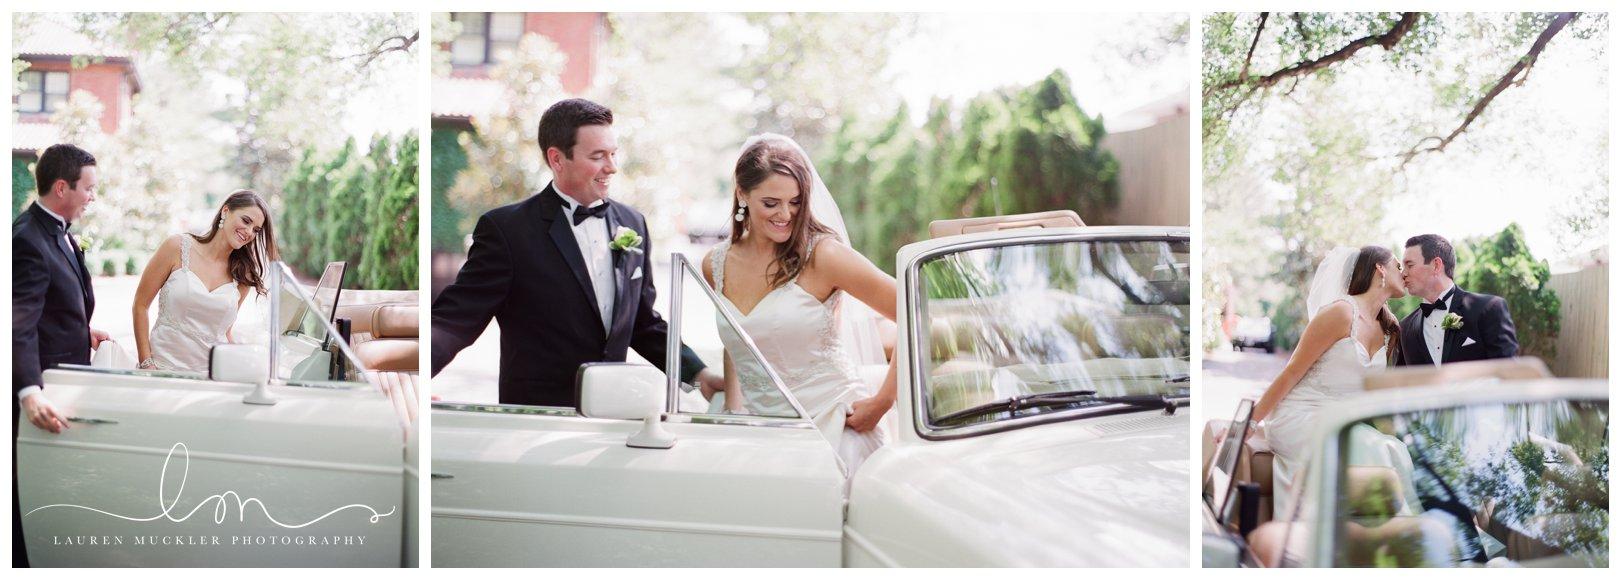 lauren muckler photography_fine art film wedding photography_st louis_photography_0228.jpg